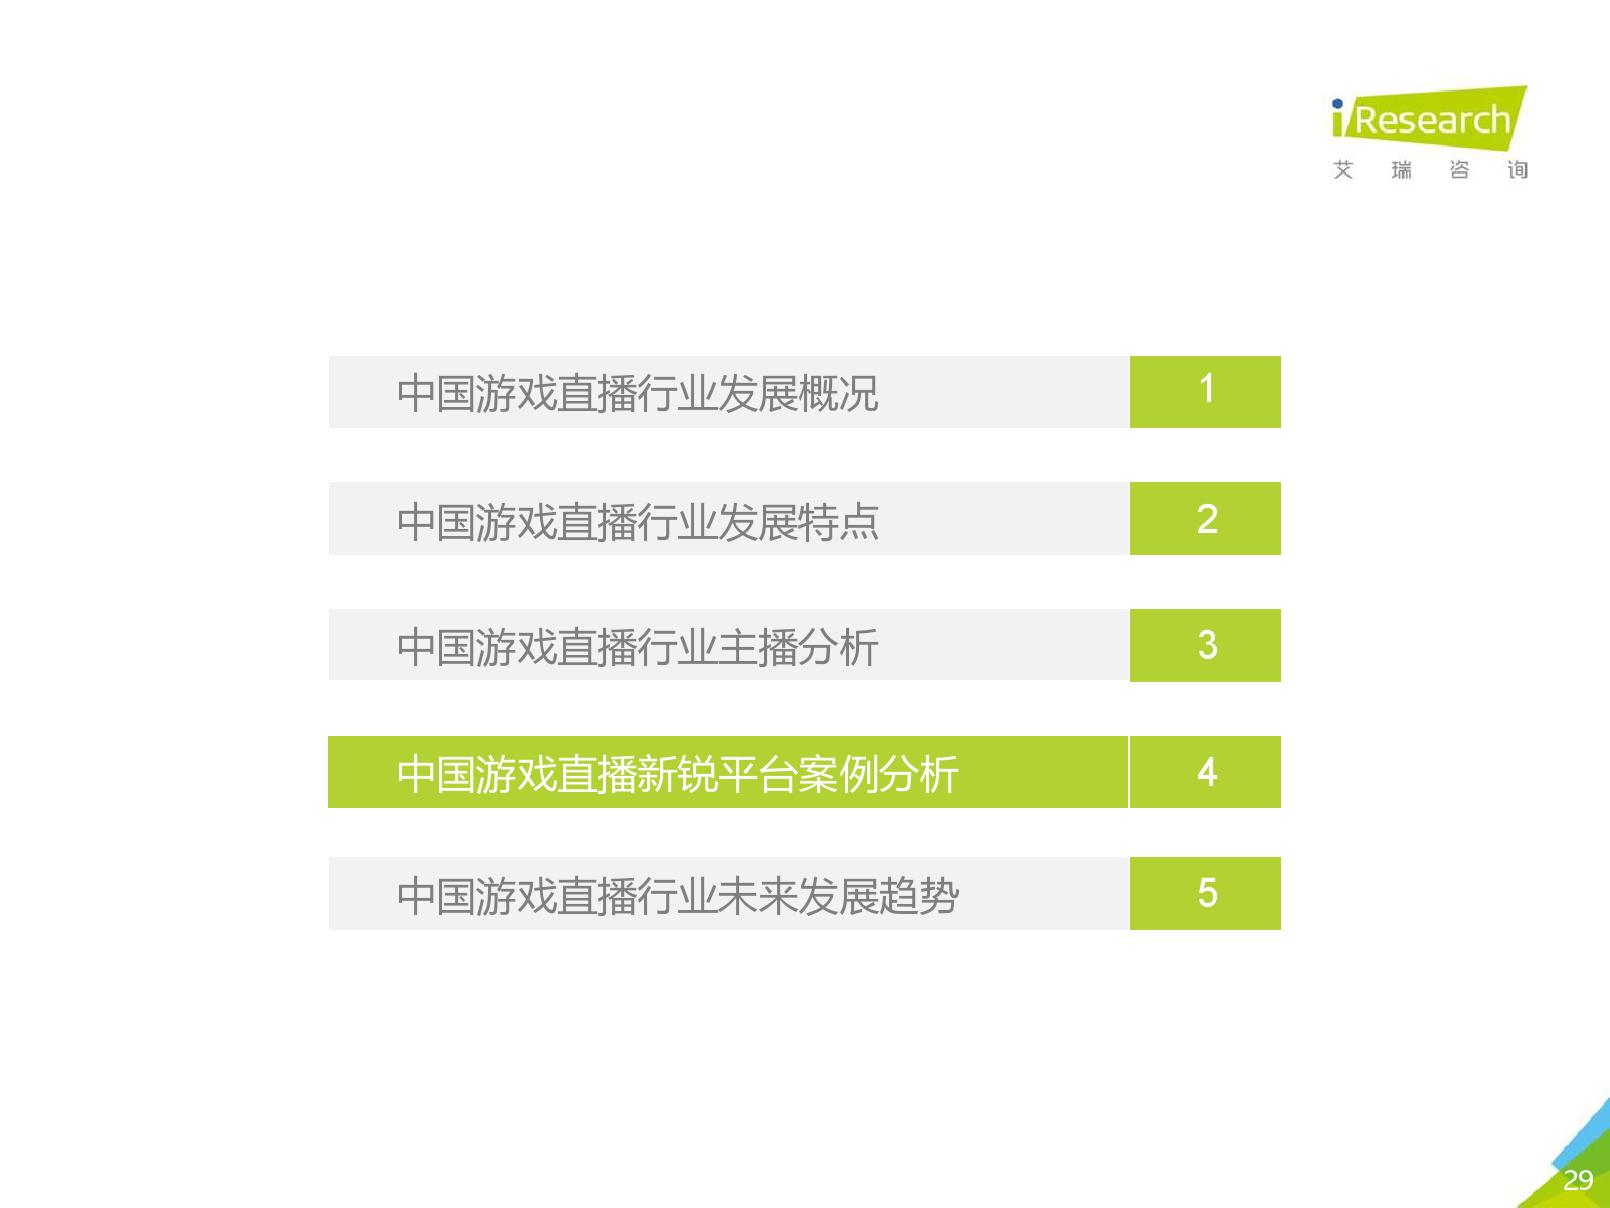 艾瑞咨询:2020年中国游戏直播行业研究报告(可下载报告)插图(57)